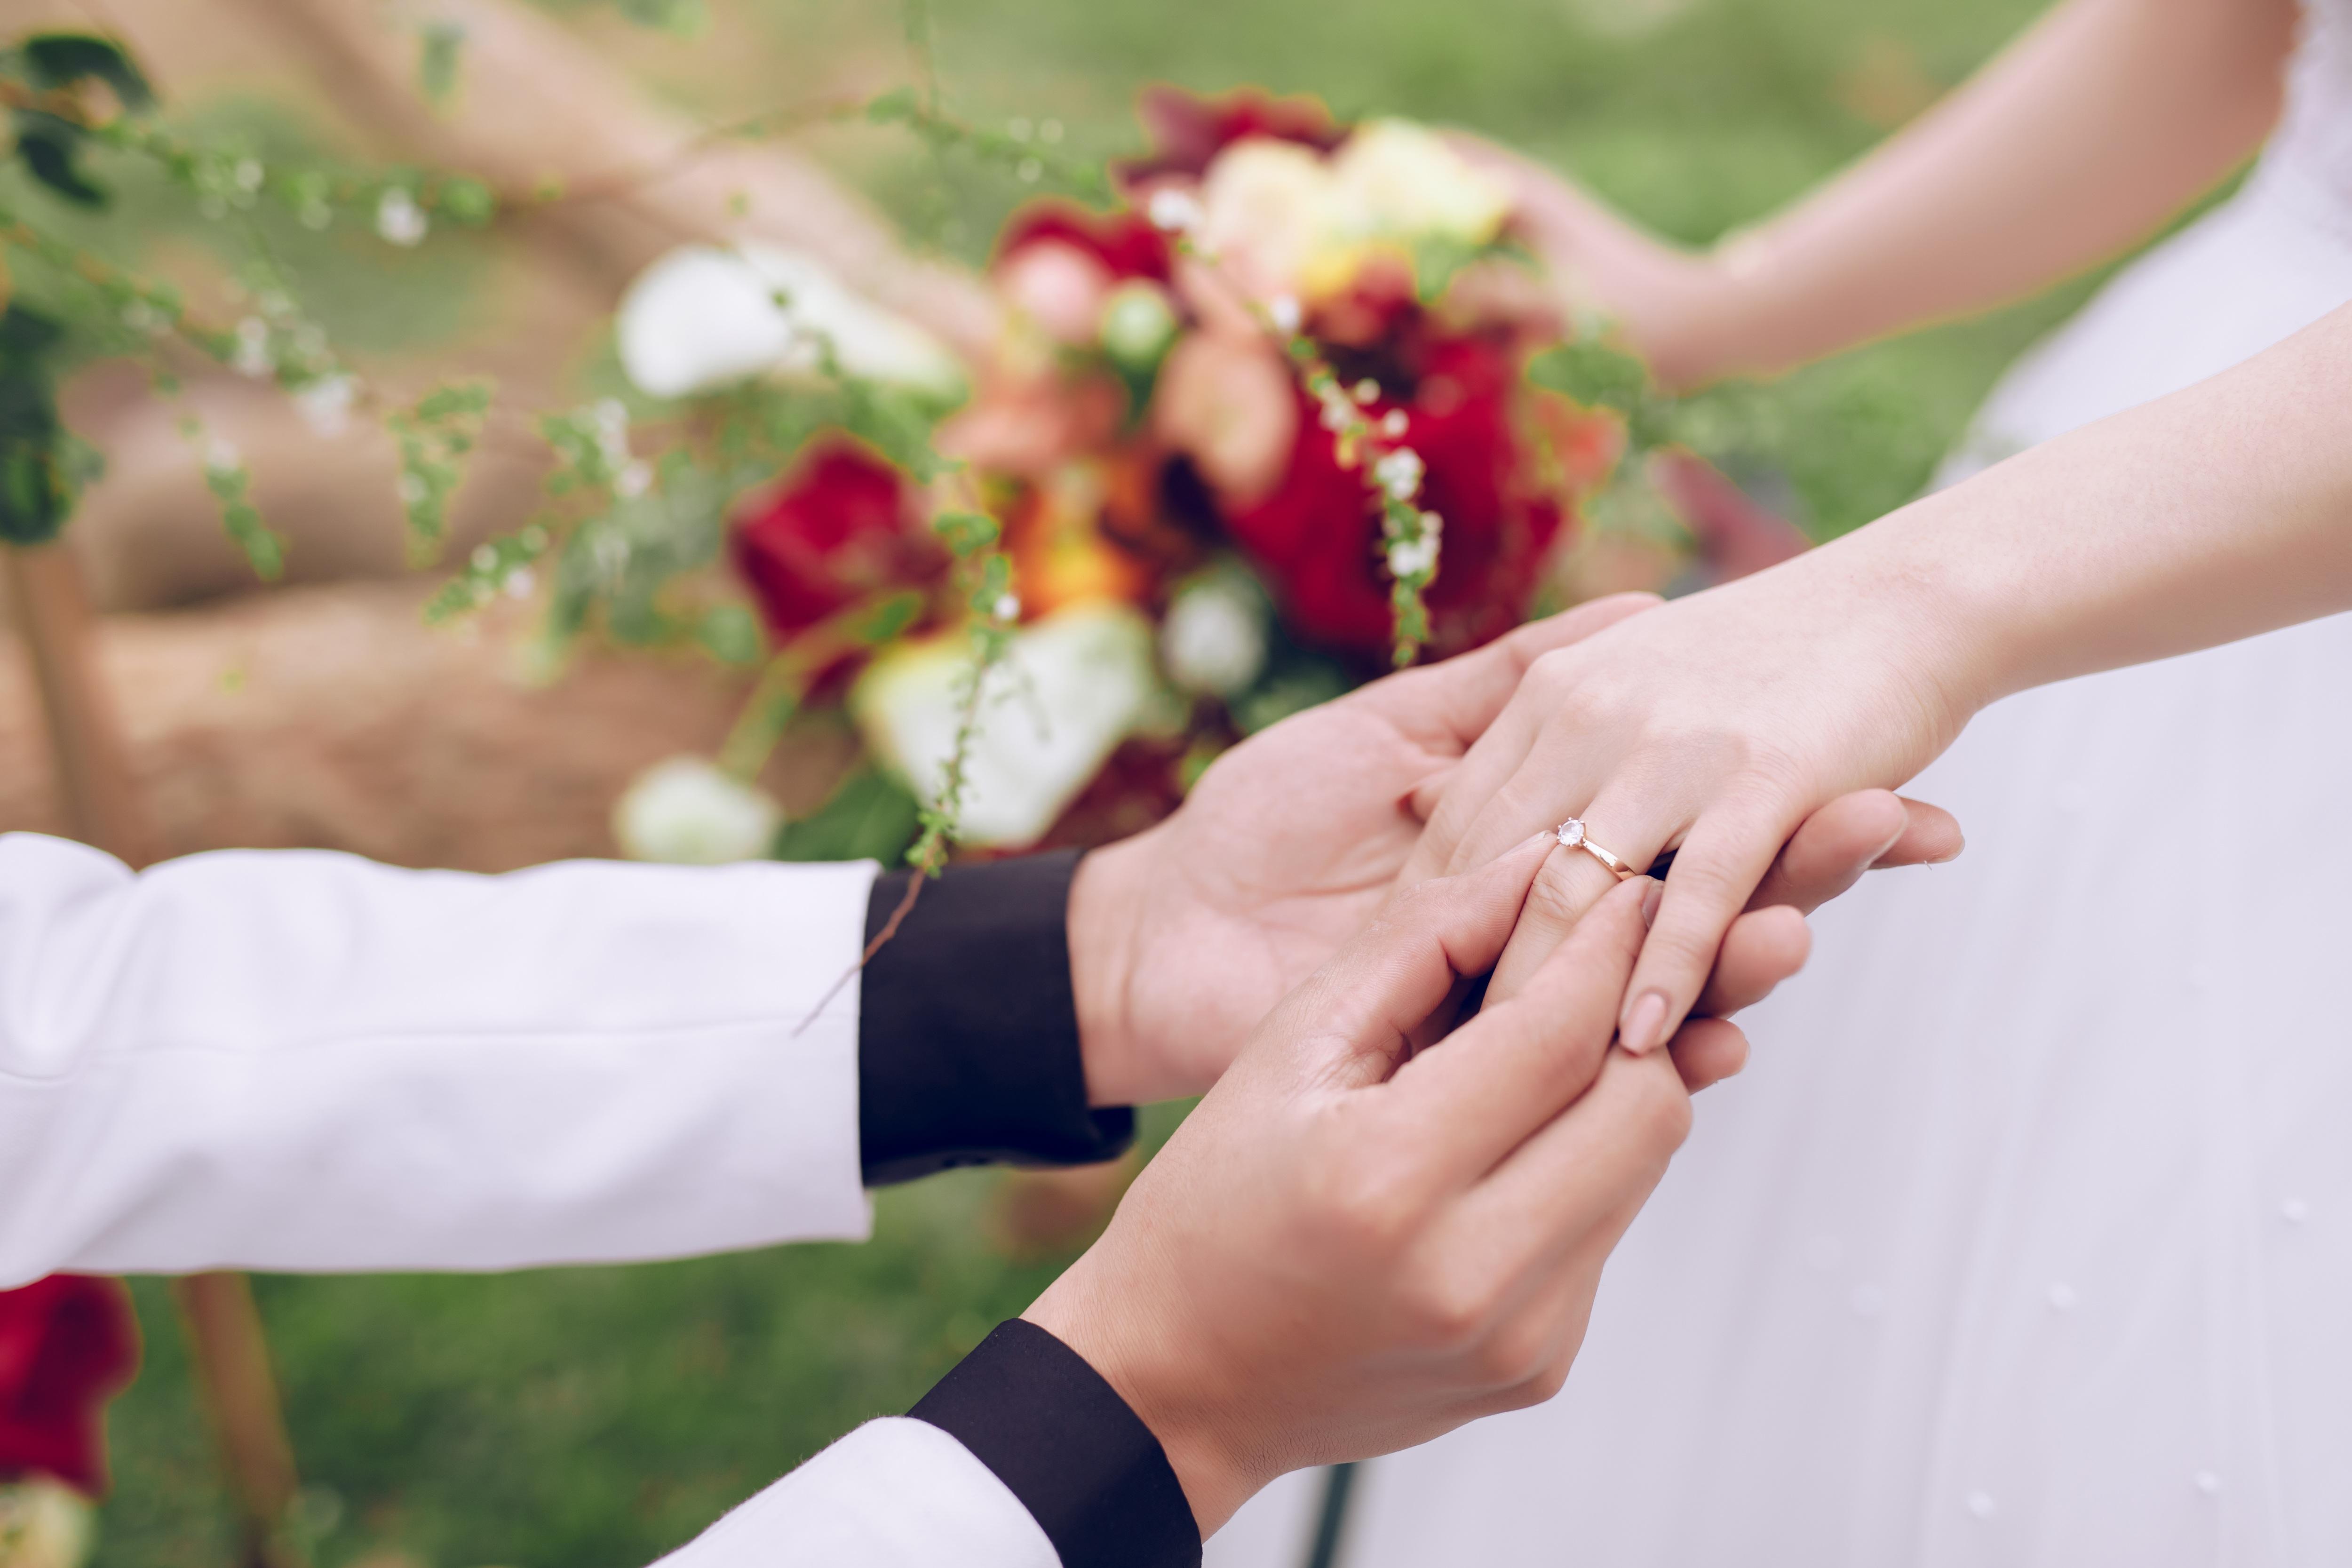 Tình yêu của vợ chồng lính chì dũng cảm: Hơn cả một câu chuyện tình - 10